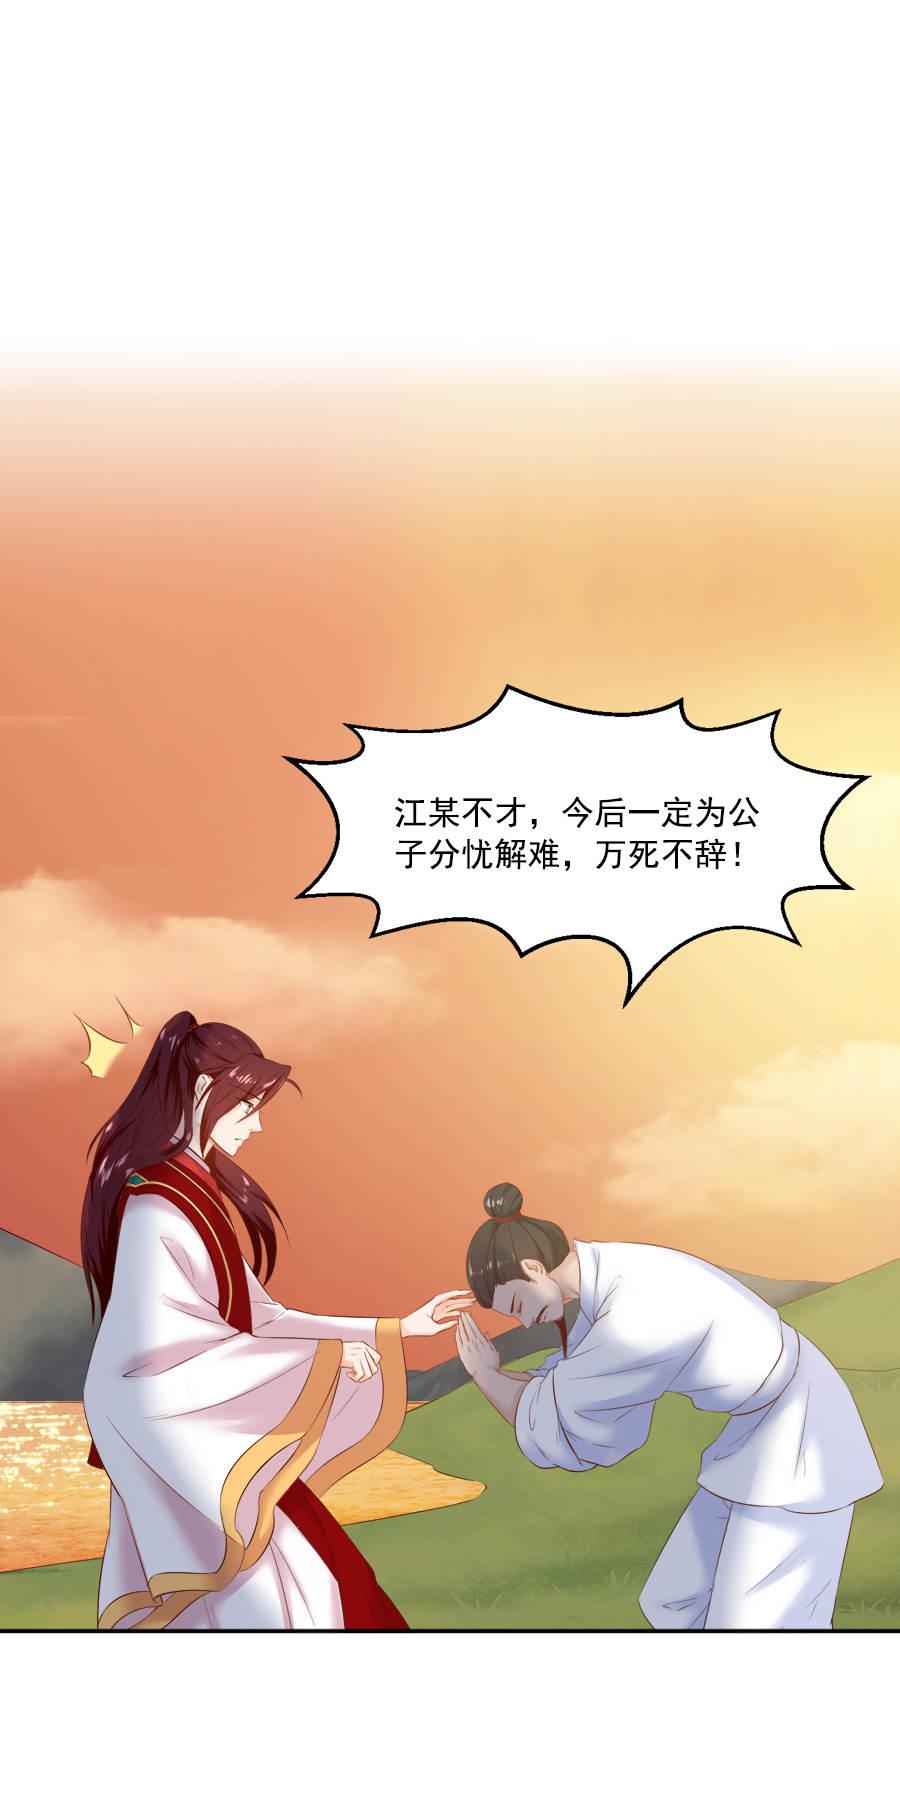 盛世帝王妃第45话  江大人的心声 第 11